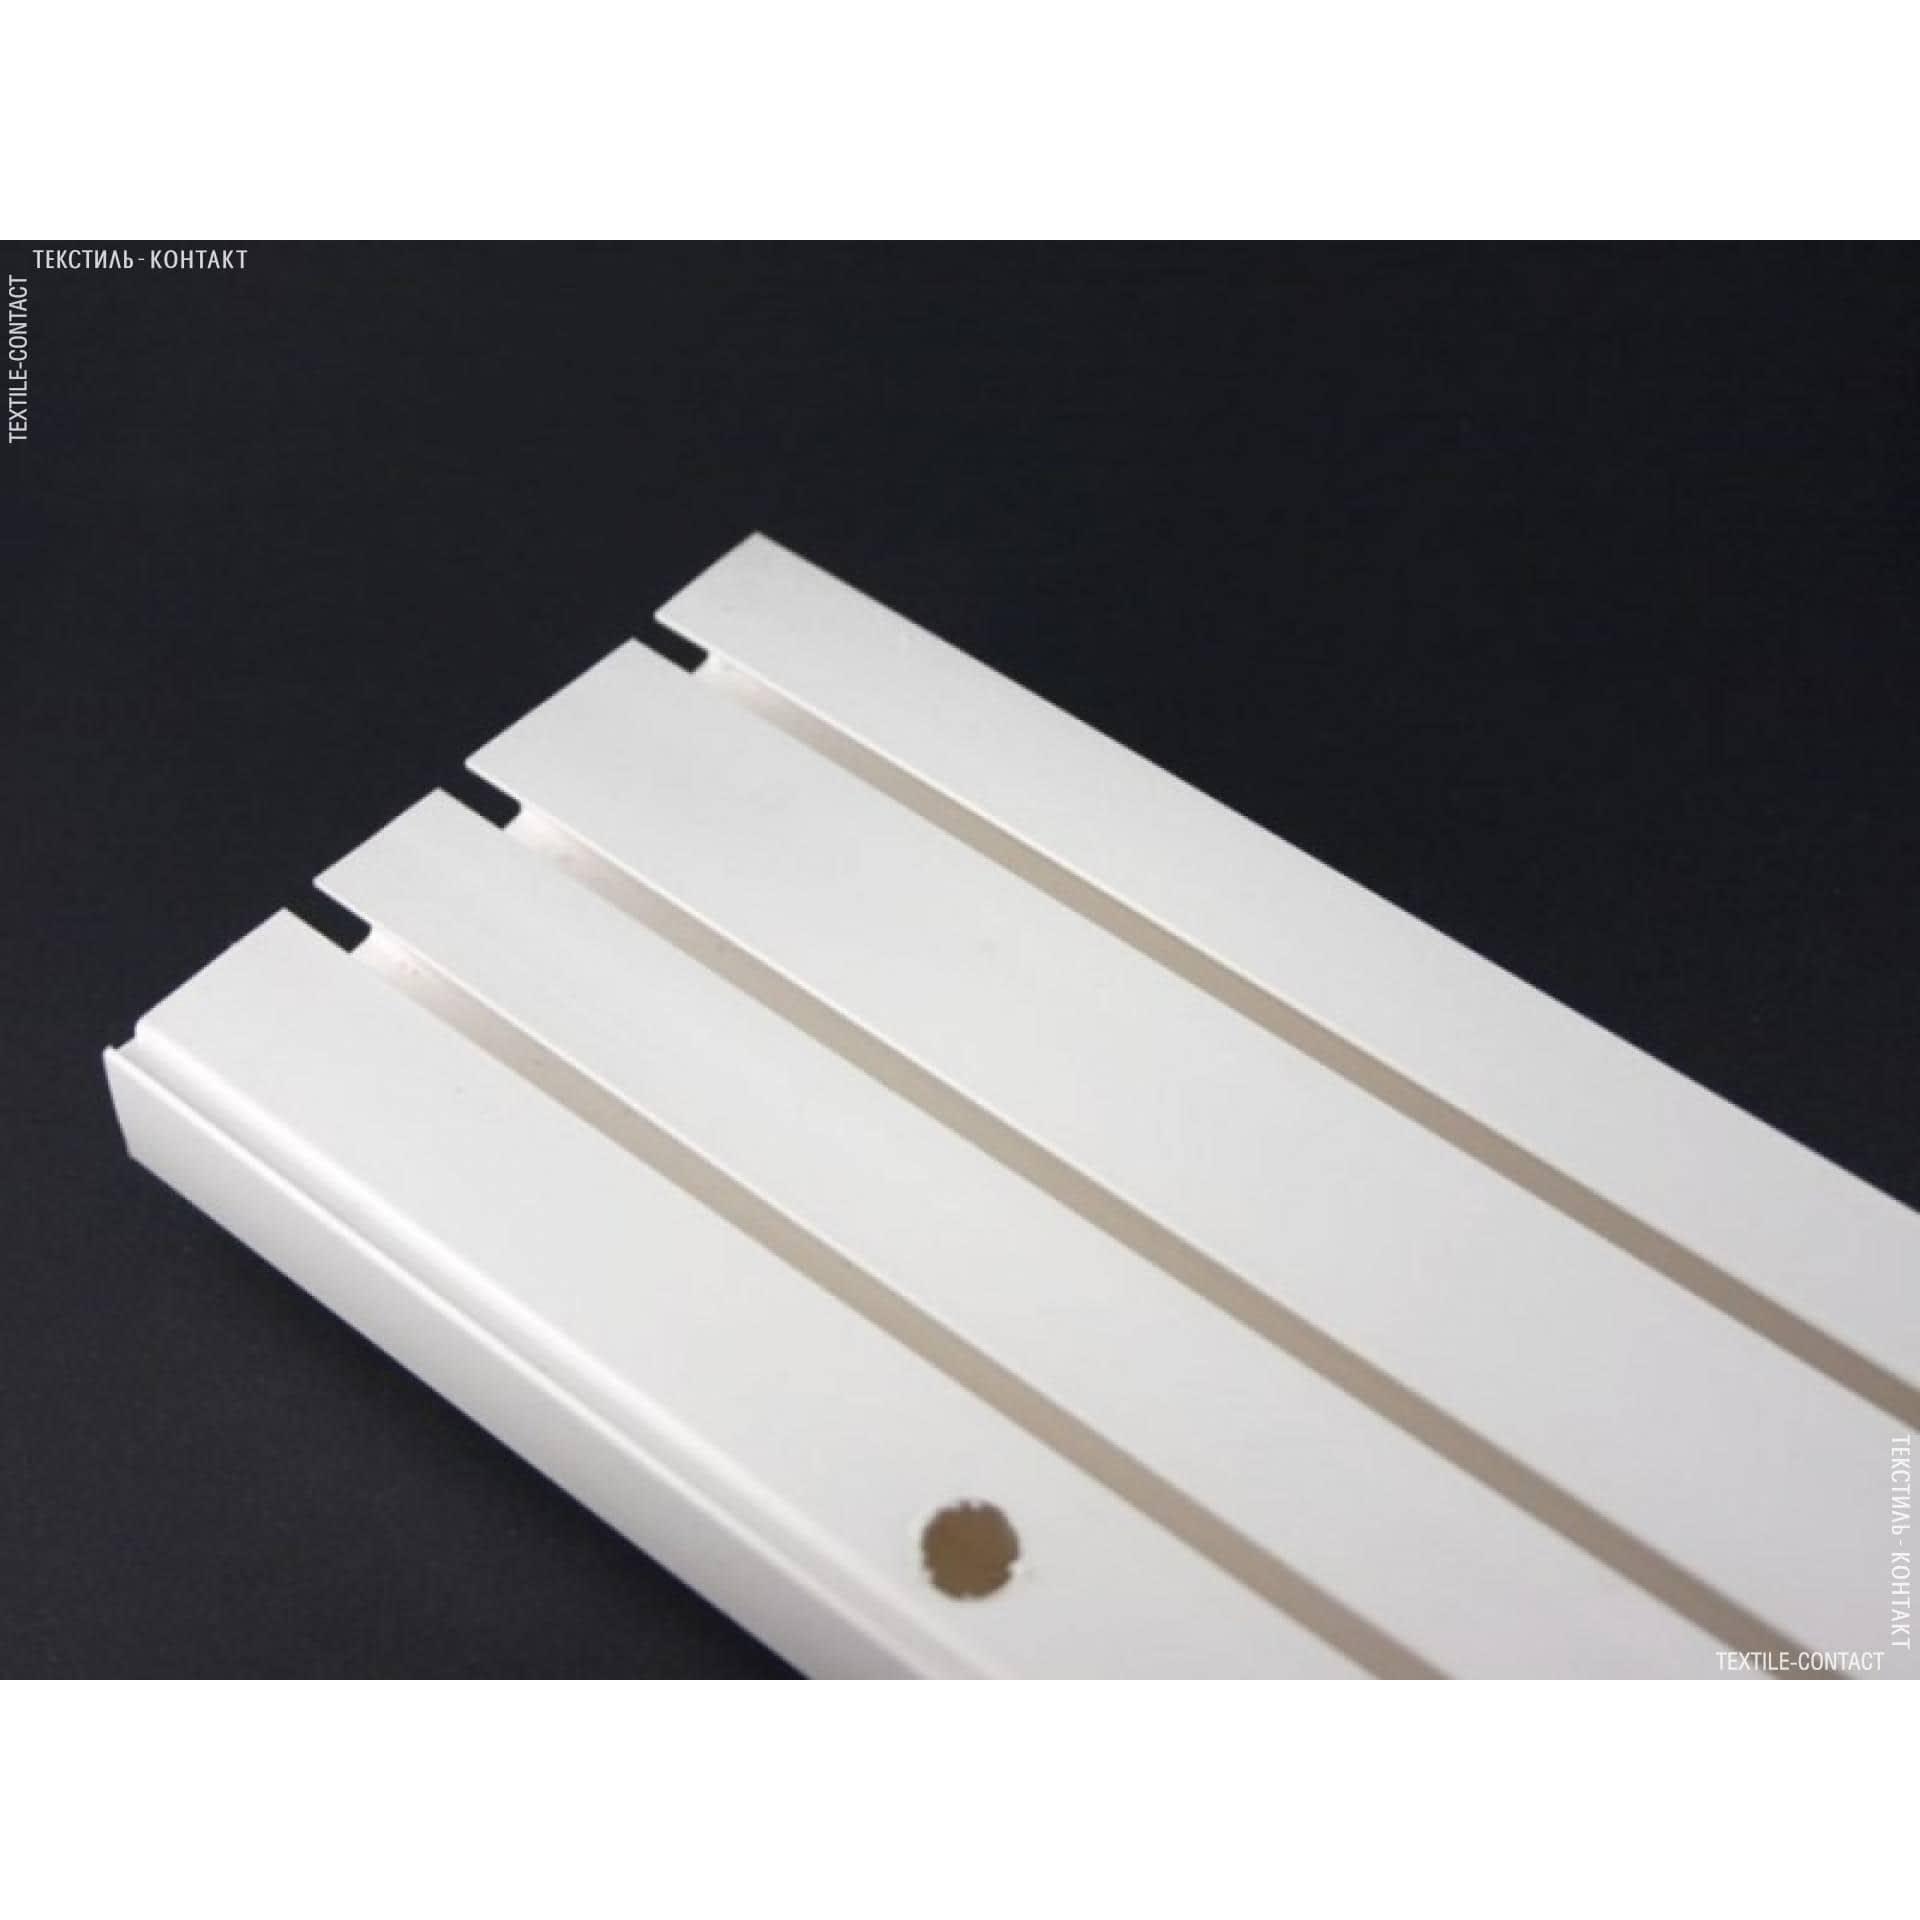 Тканини карнизи - Шина пластикова 3-смугова 210см